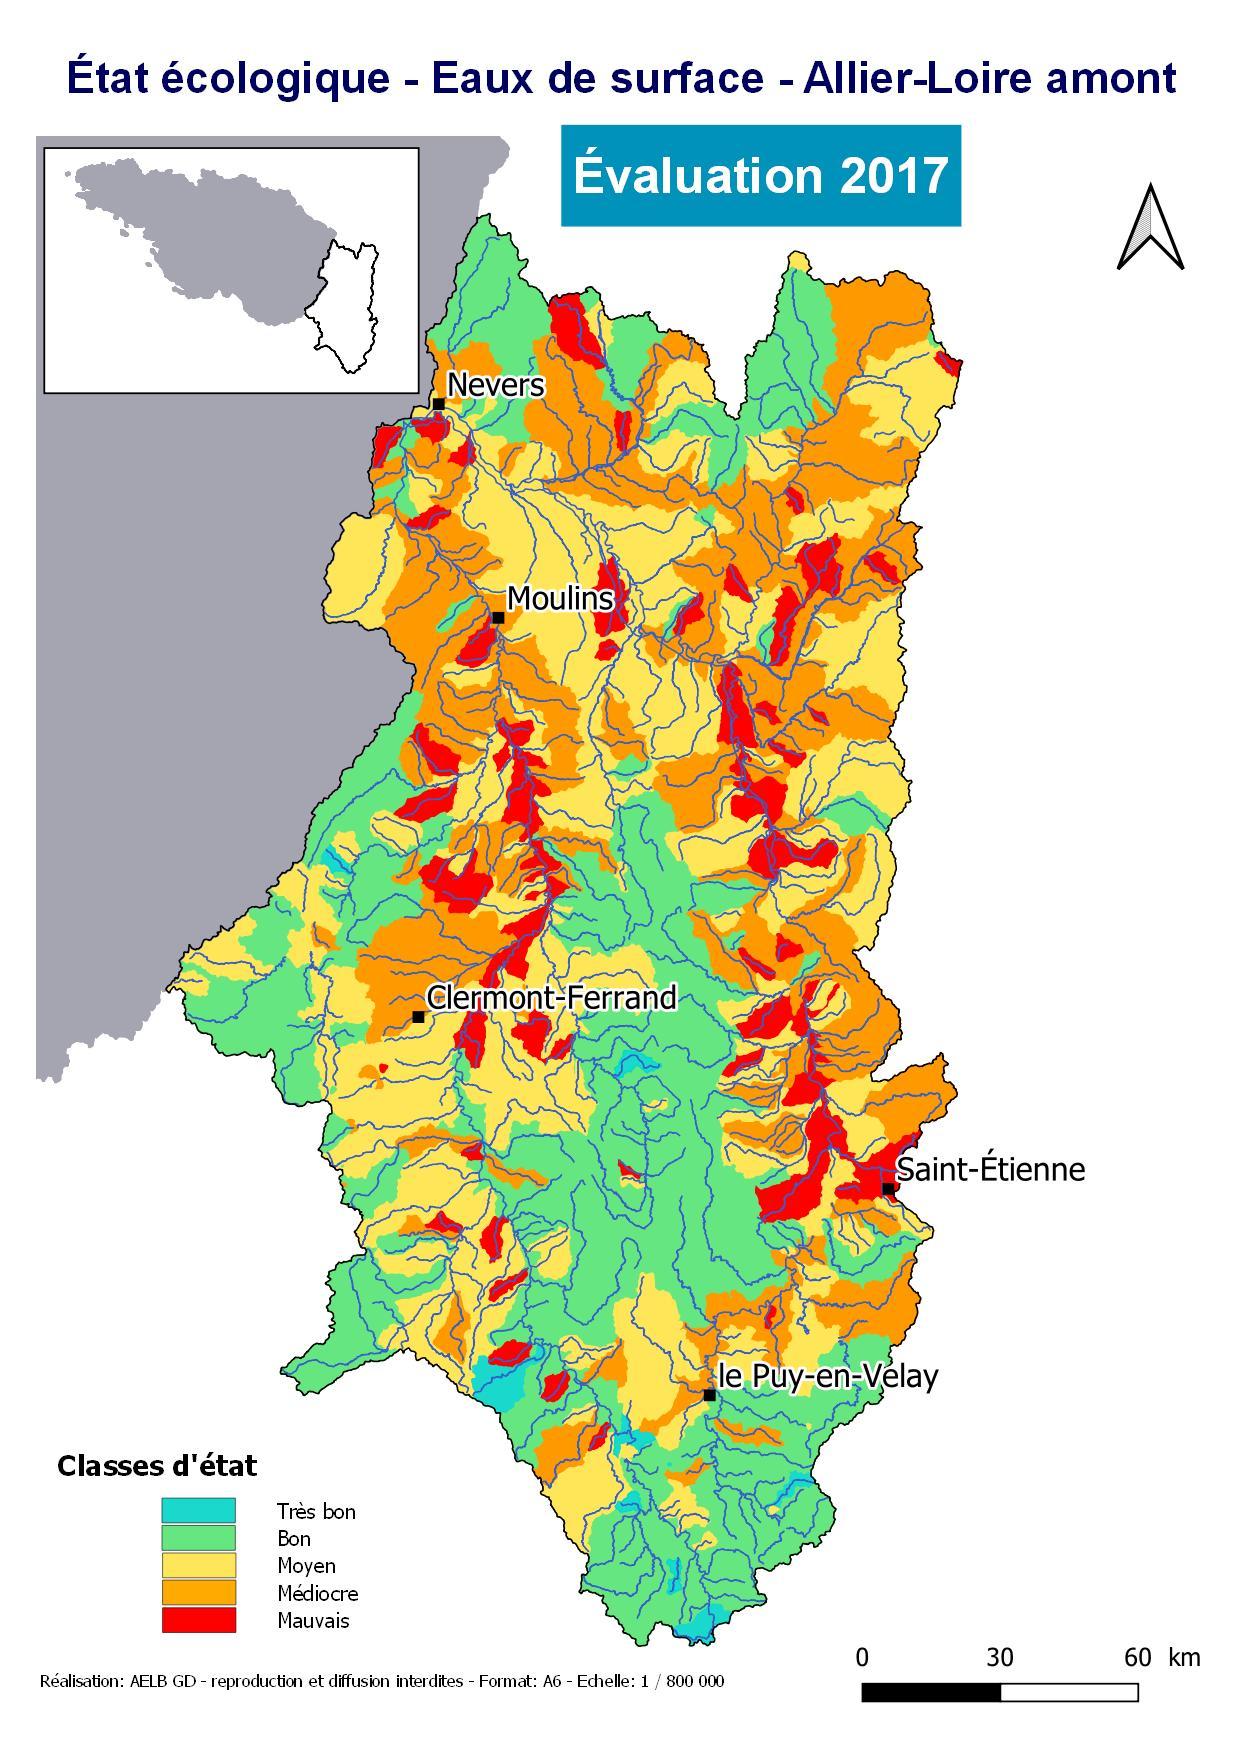 Évaluation 2017 de l'état écologique des eaux de surface- Allier- Loire amont